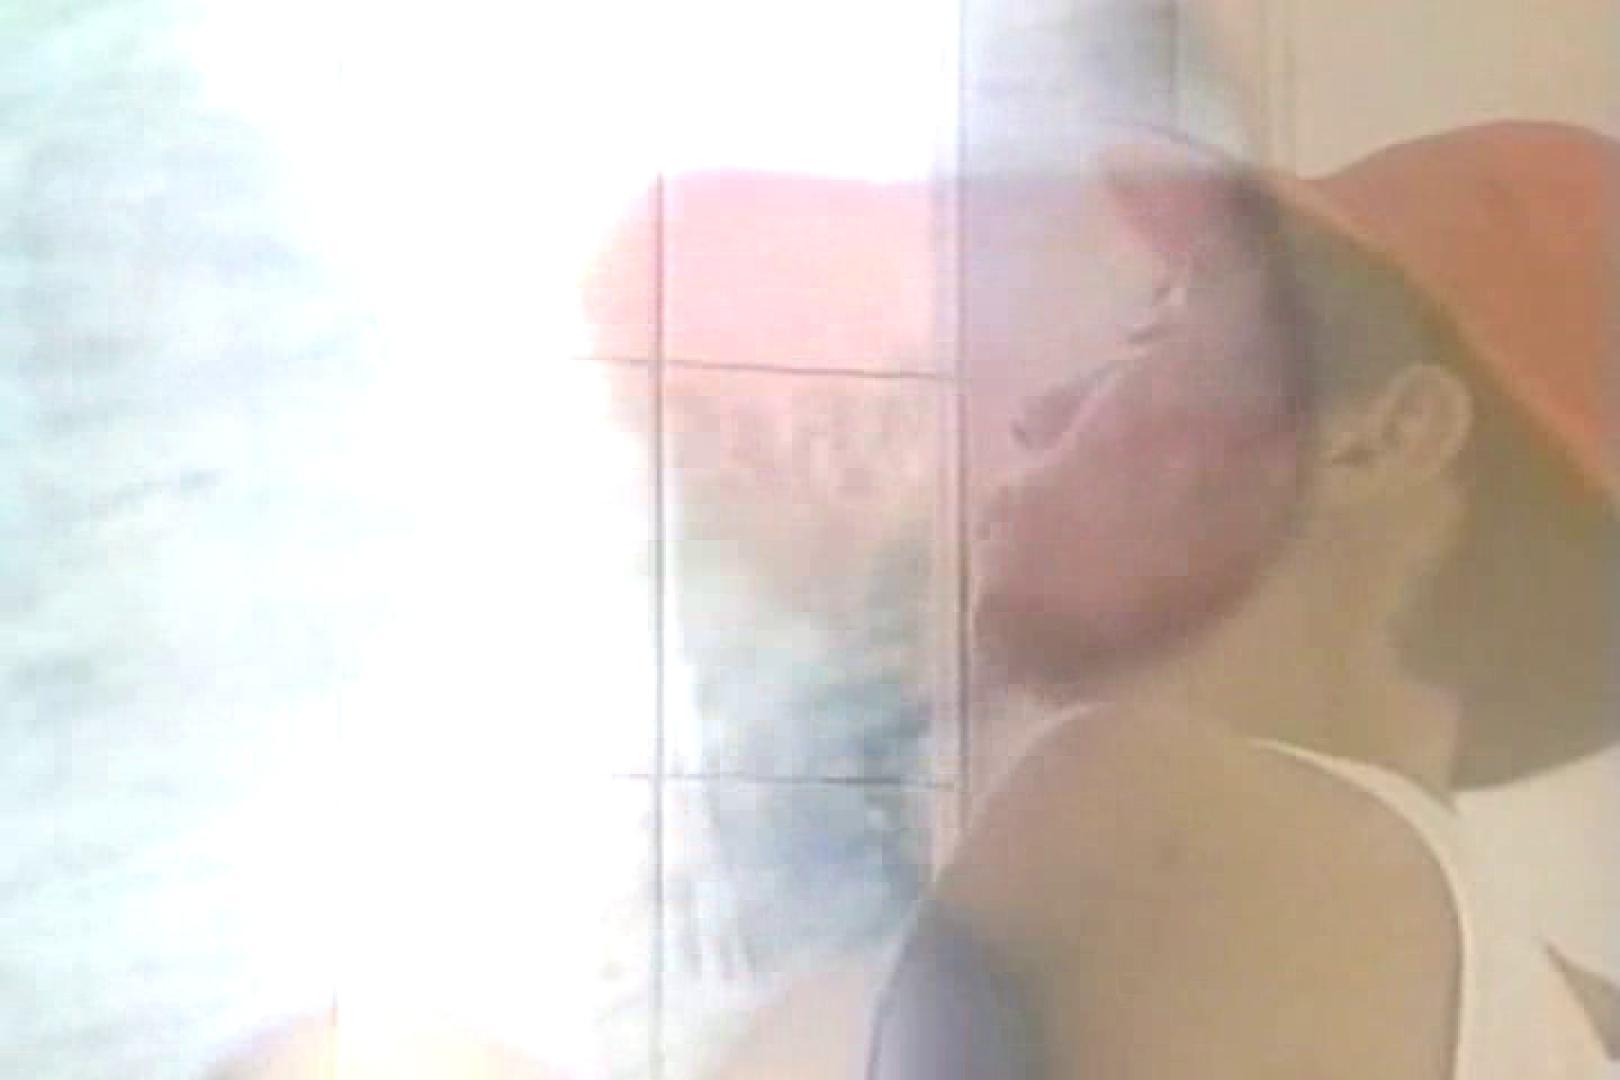 亜細亜のイケメンがイクっ!File.30 無修正 ゲイアダルト画像 66pic 31